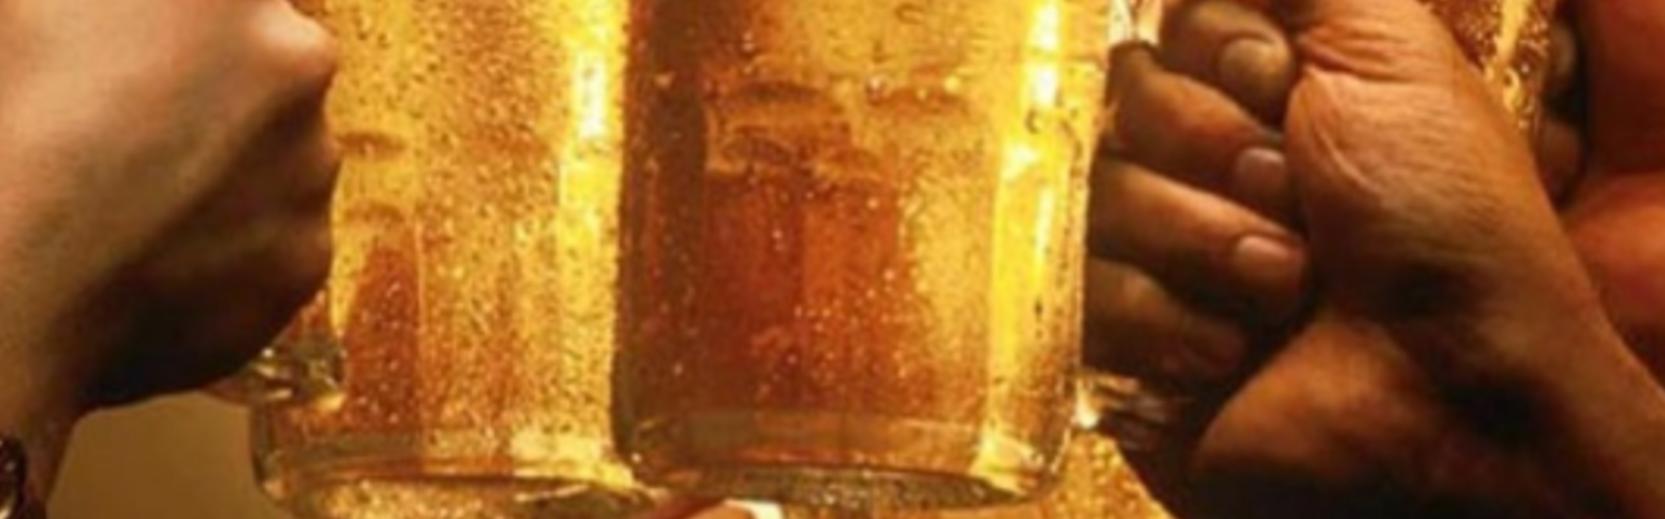 Desktop cerveza